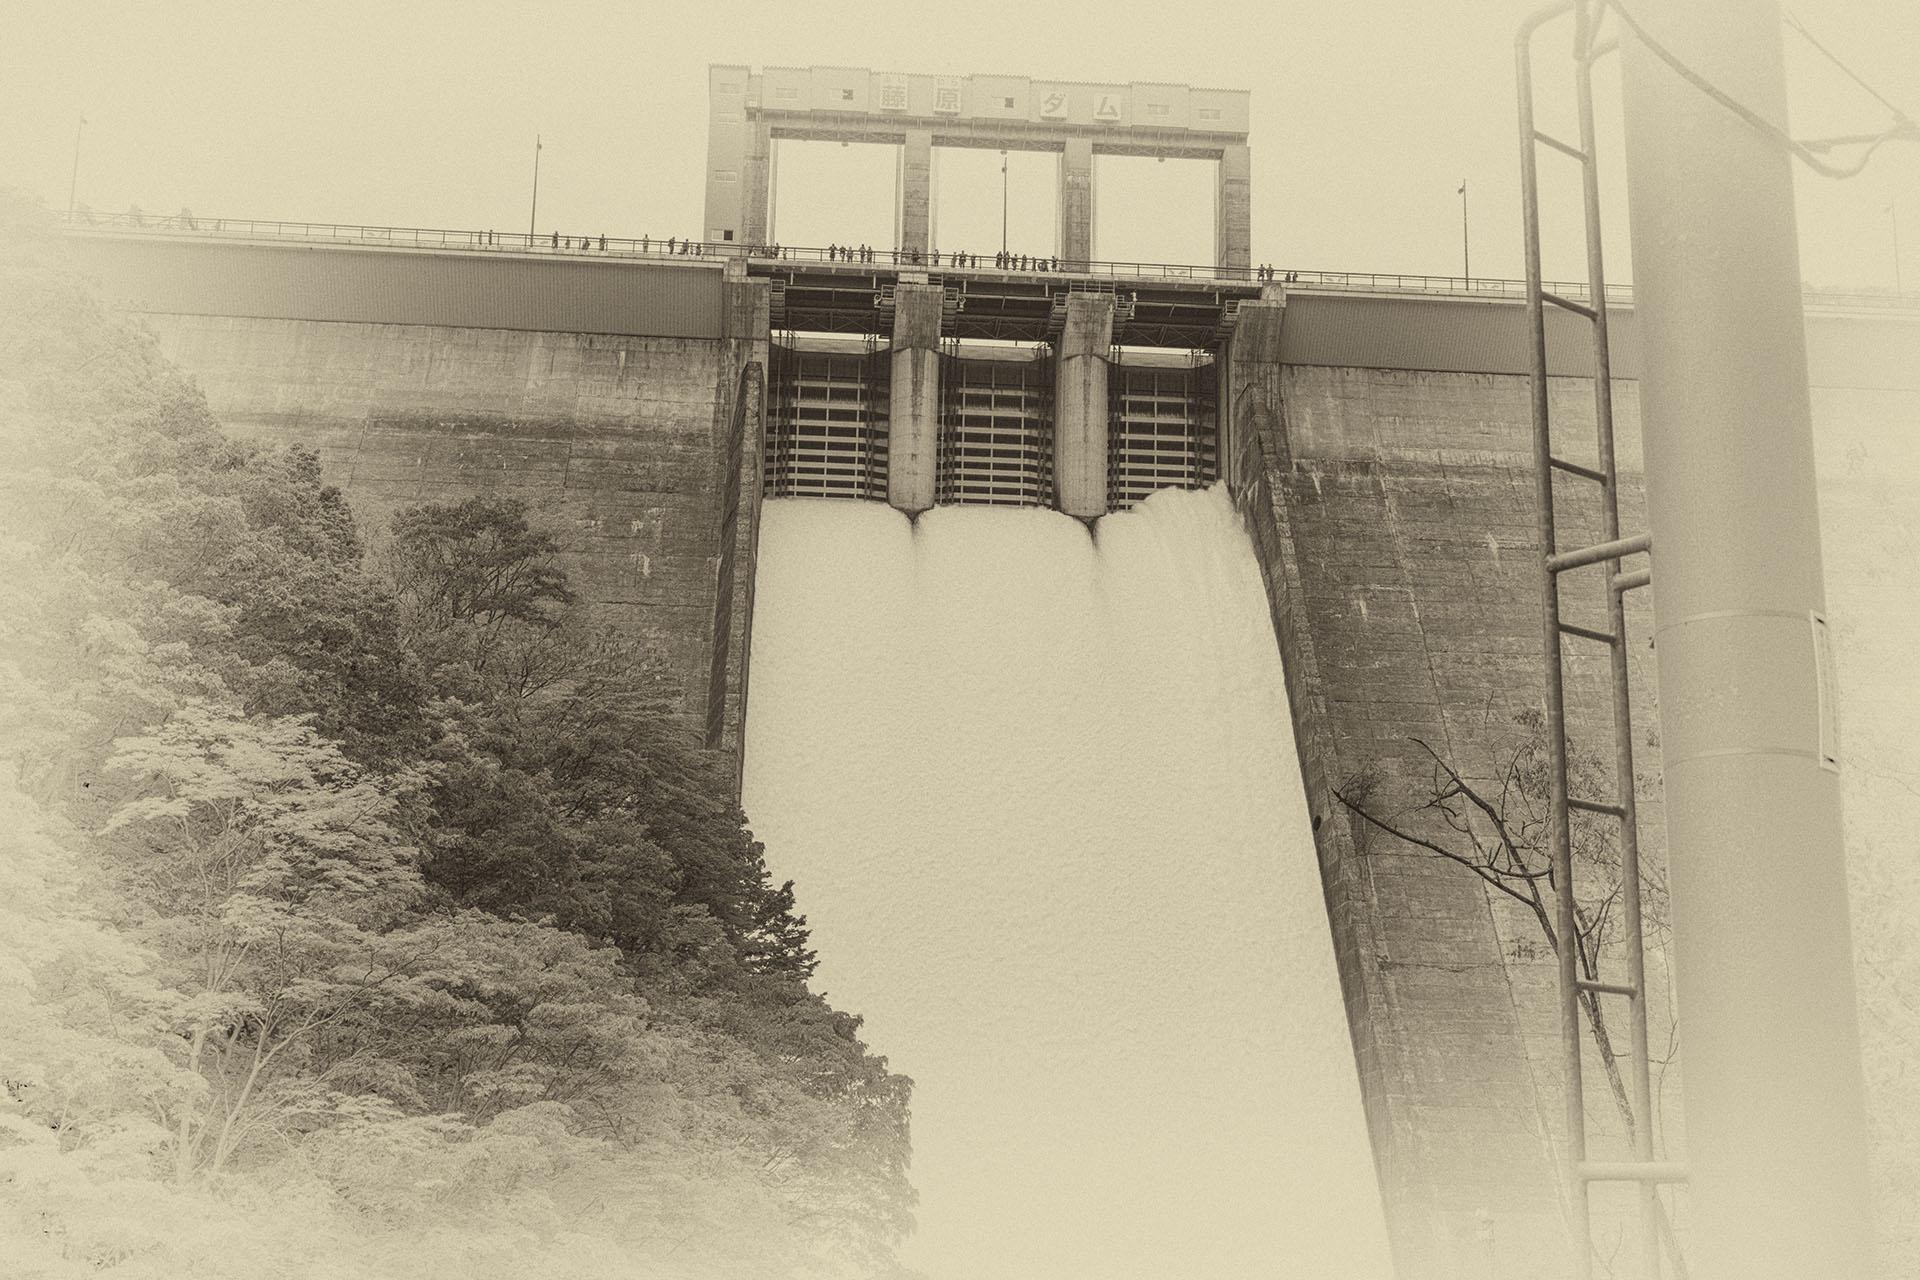 奈良俣ダムと藤原ダムの点検放流2018